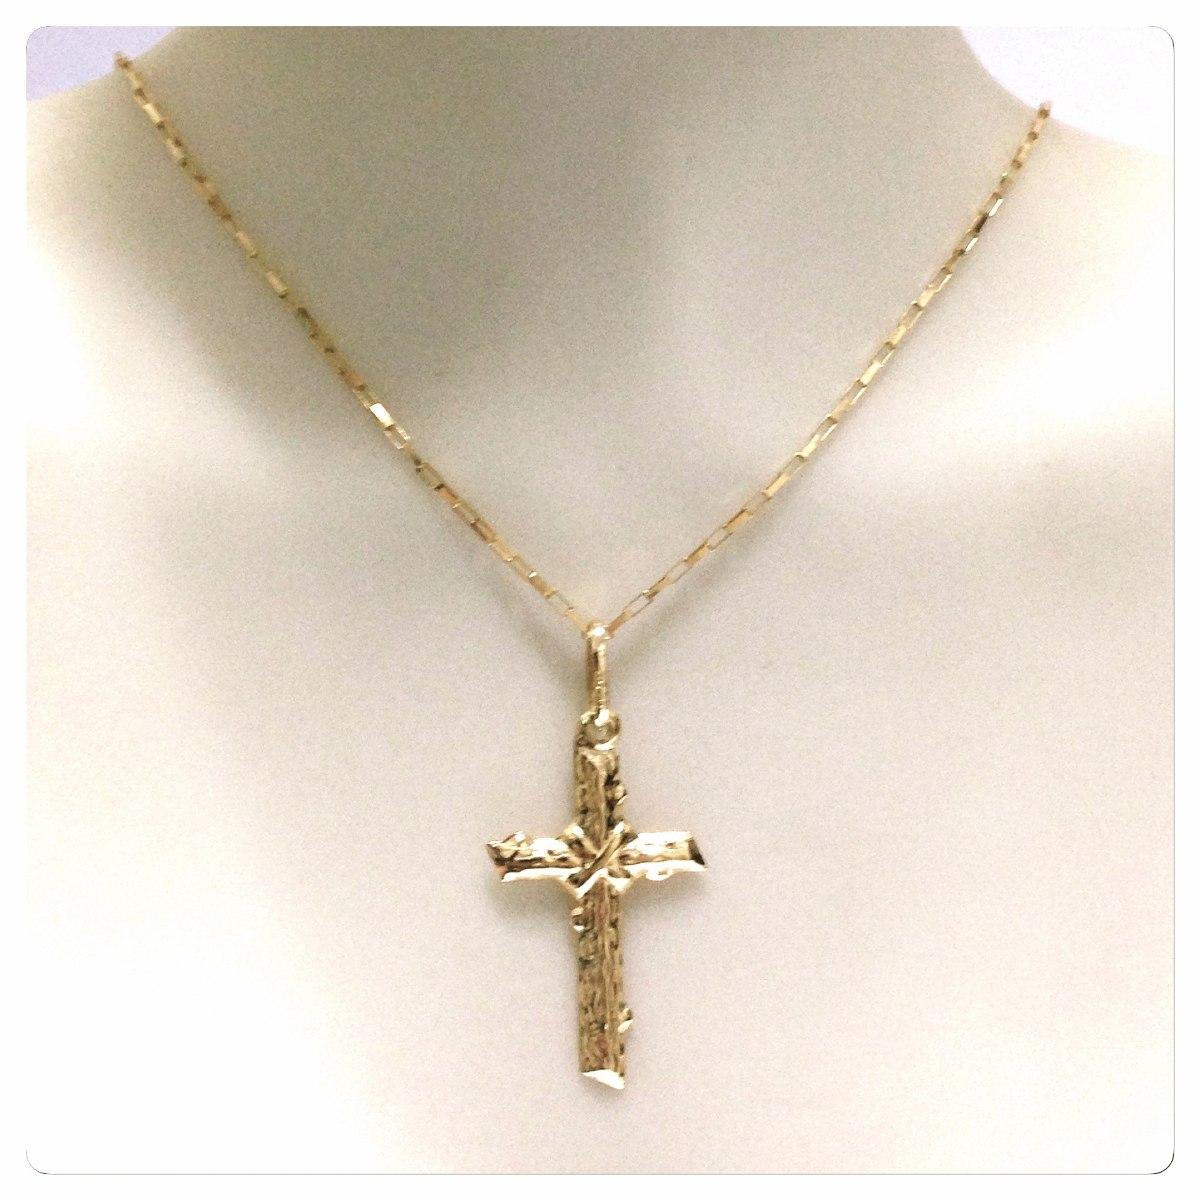 3b147ad3f17 Corrente Cartier De 60cm Pingente Crucifixo Ouro 18k Maciço